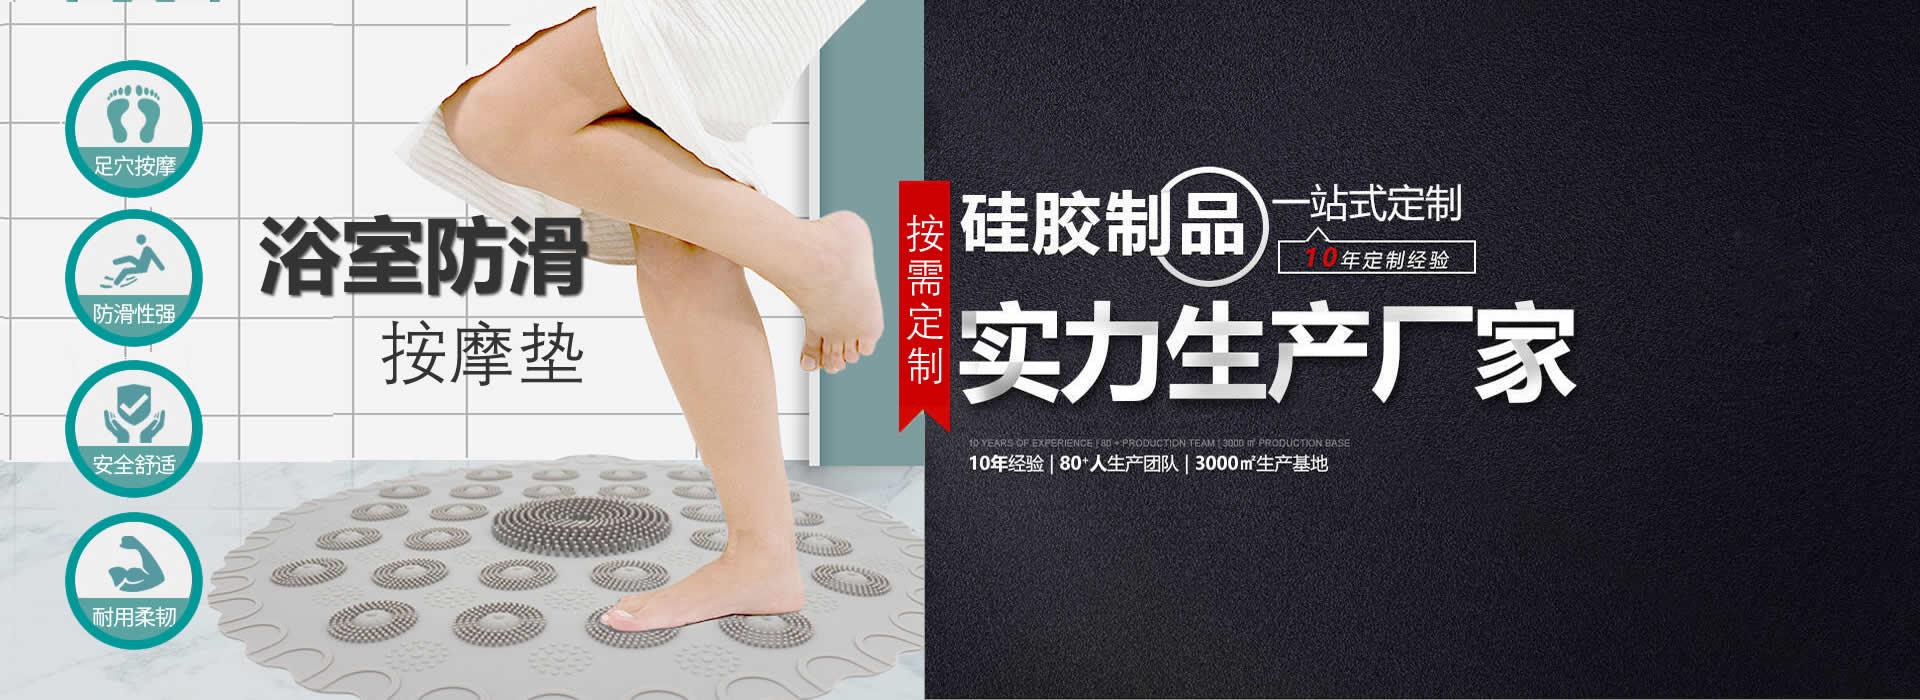 硅胶浴室按摩防滑垫